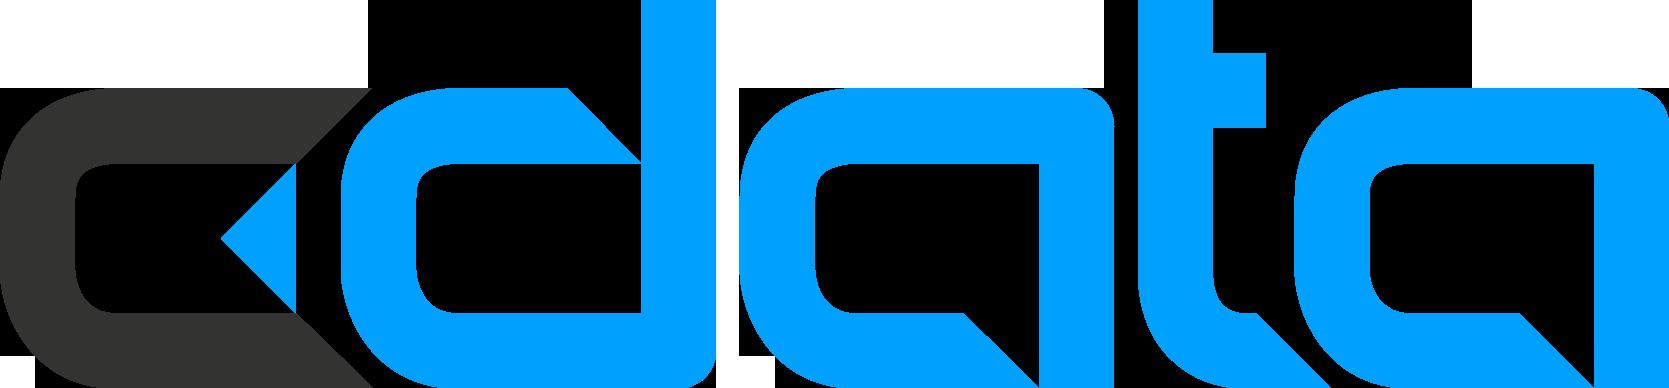 ODBC Driver for Reckon